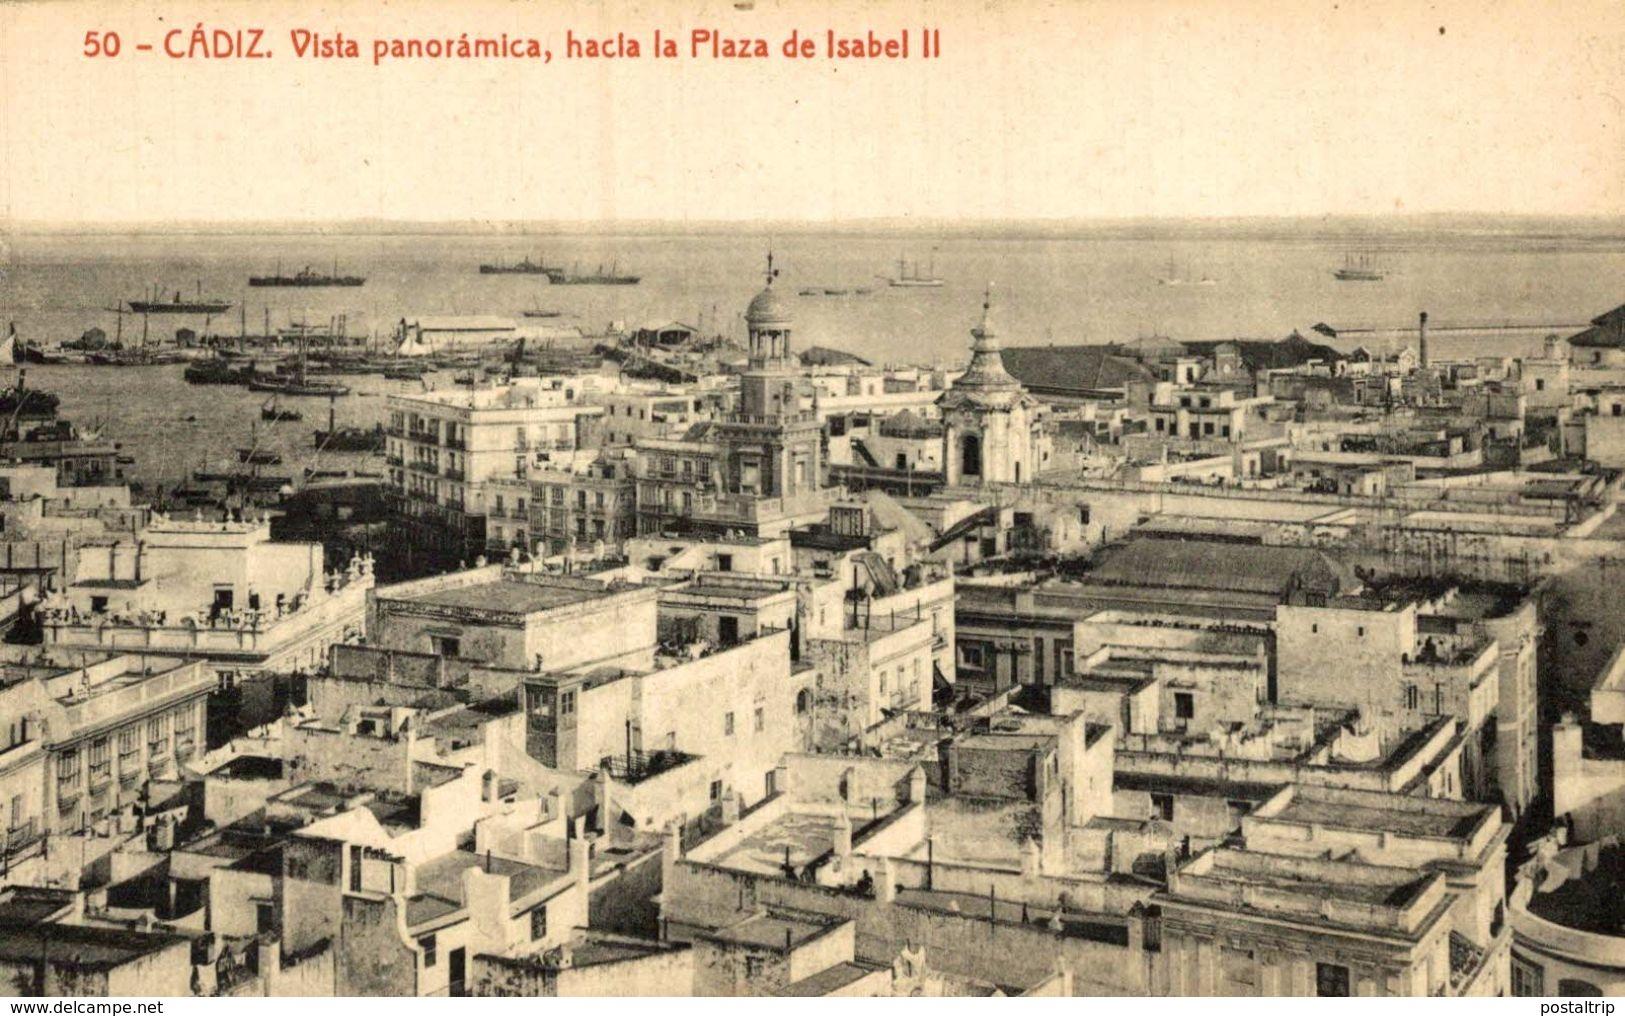 CADIZ - VISTA PANORAMICA HACIA LA PLAZA DE ISABEL II - Cádiz